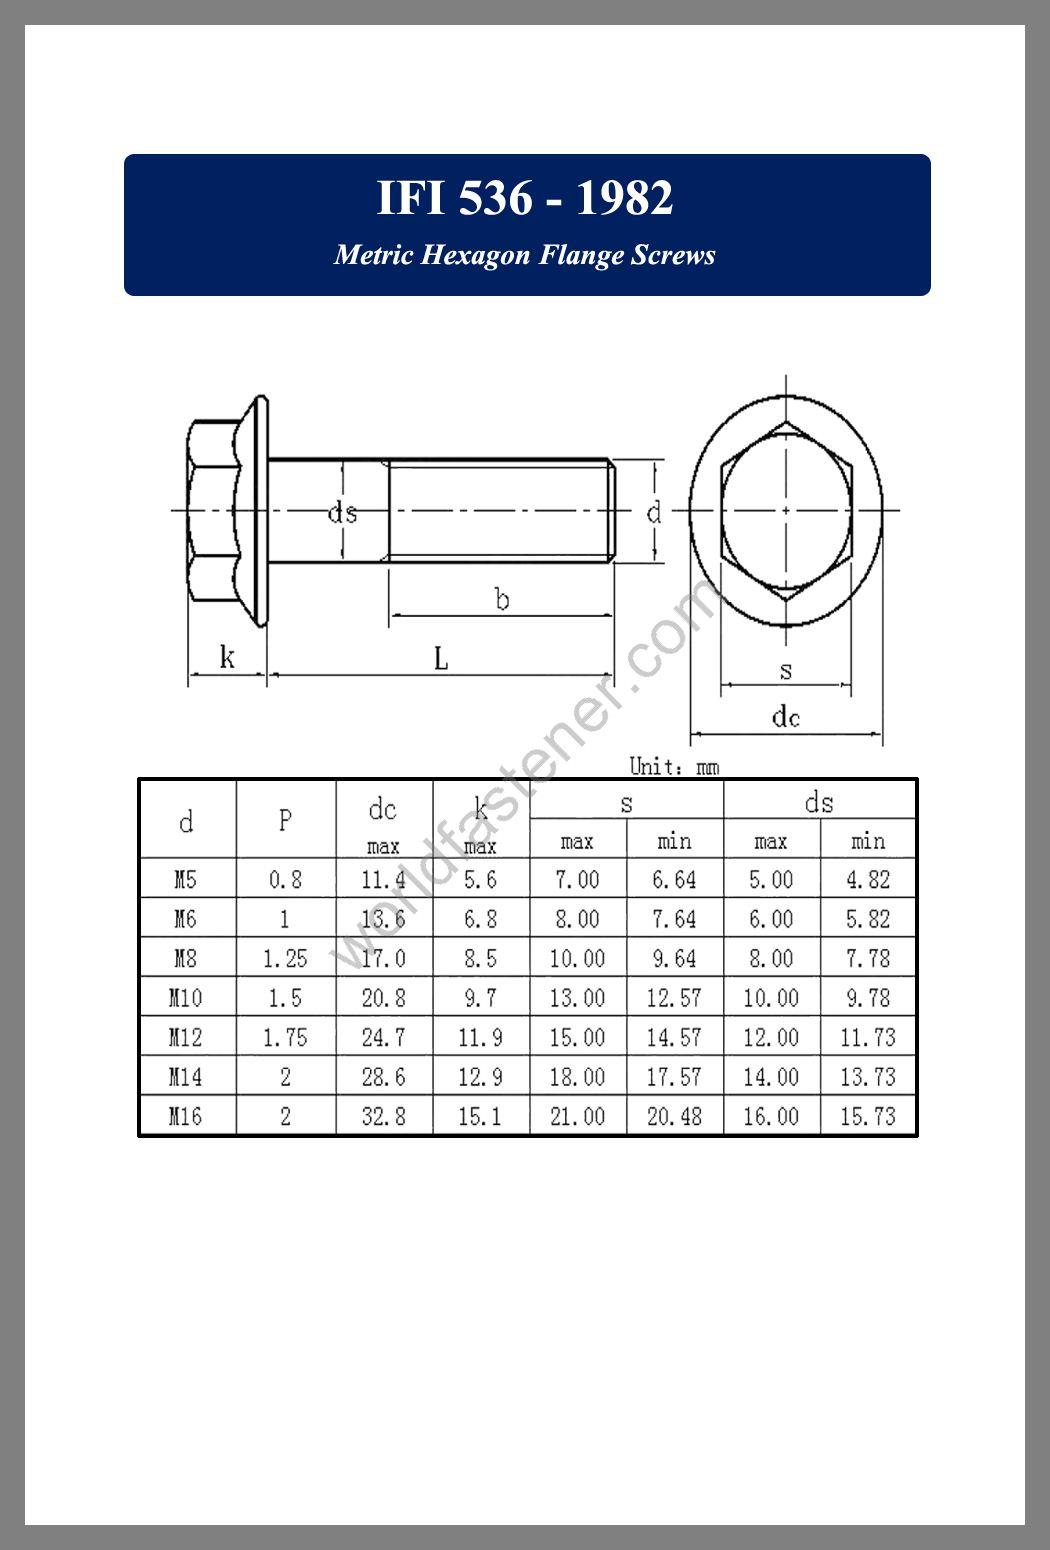 IFI 536, IFI 536 Flanged Bolts, Flange screws, fastener, screw, bolt, IFI bolts